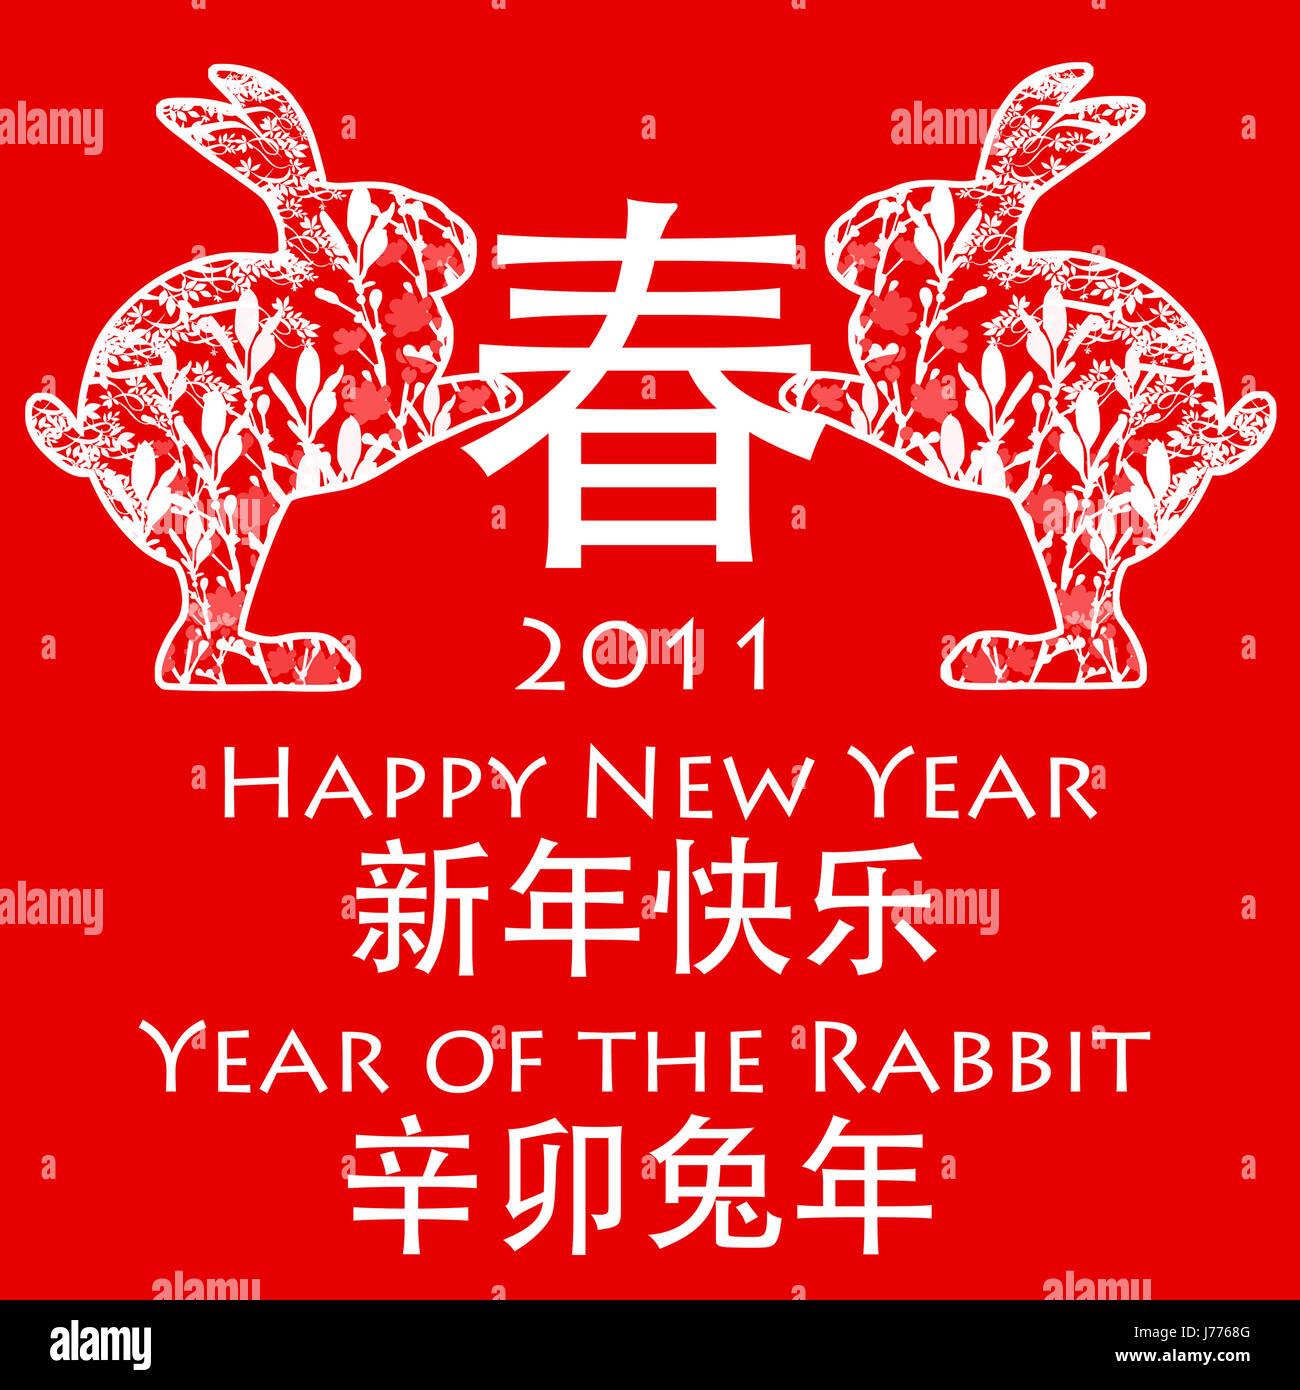 Begrüßung neuer Kaninchen Illustration chinesische festliche ...